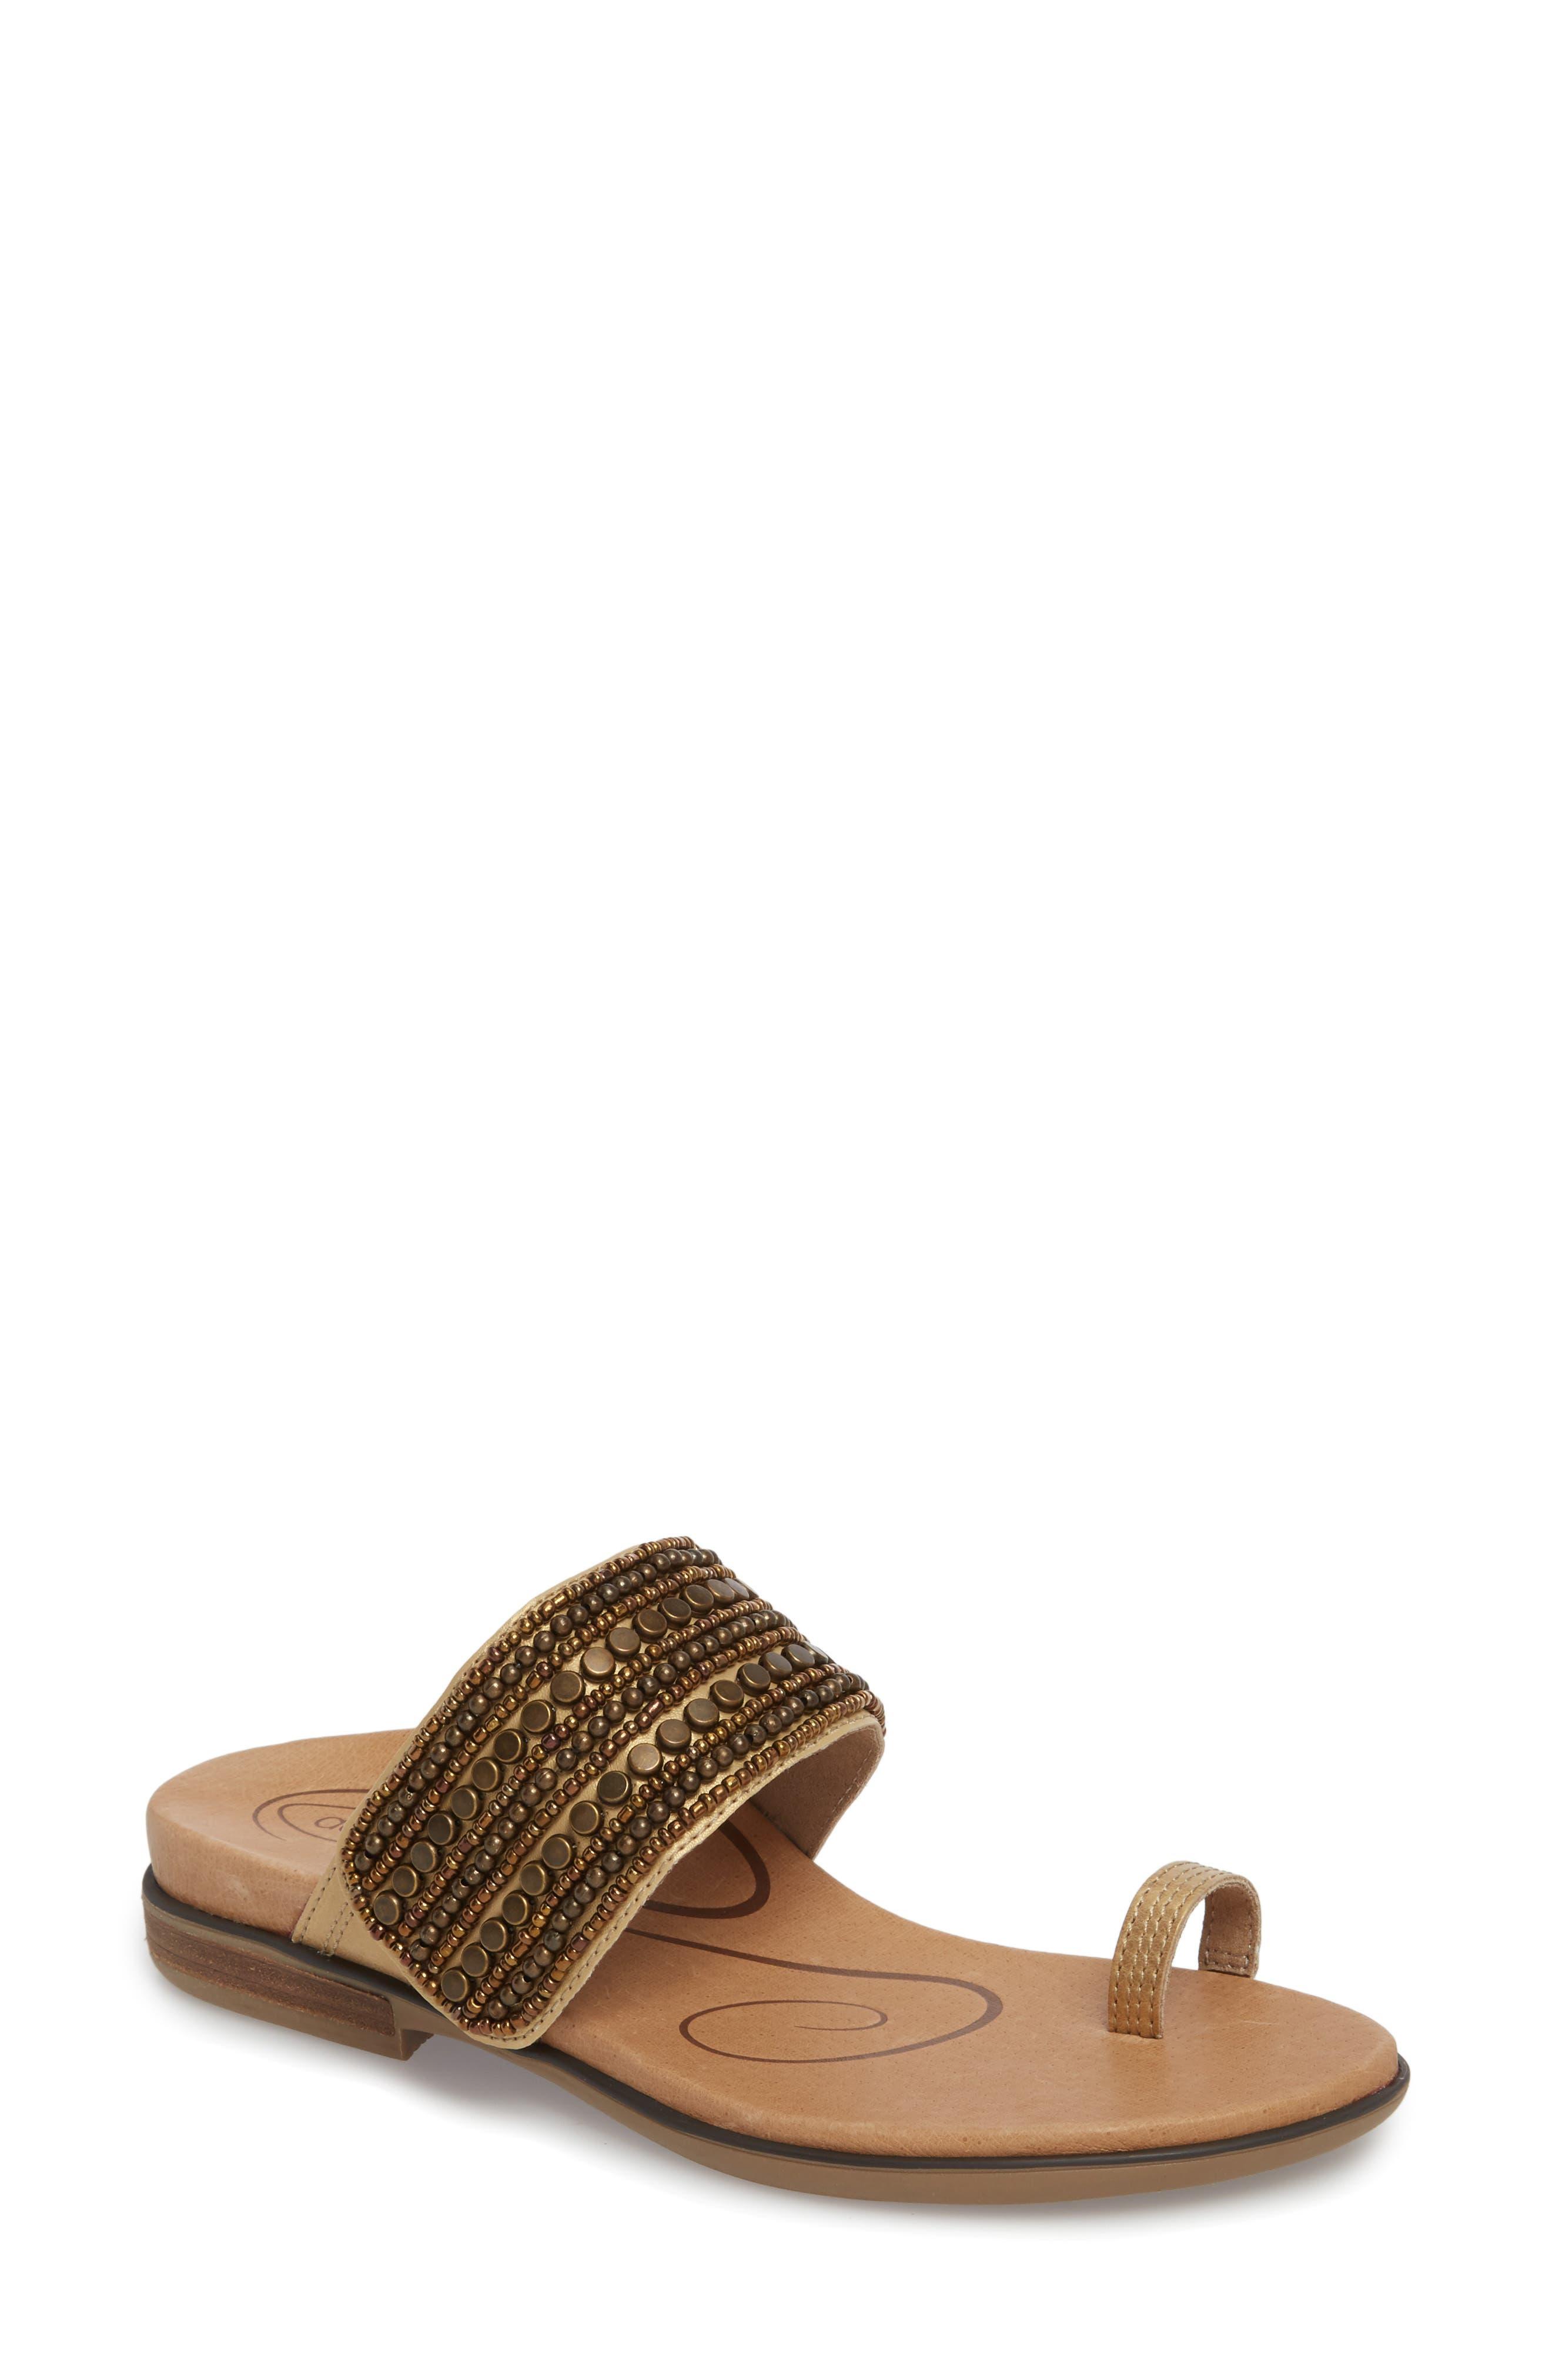 Aetrex Women's Layla Embellished Slide Sandal 57XPLW